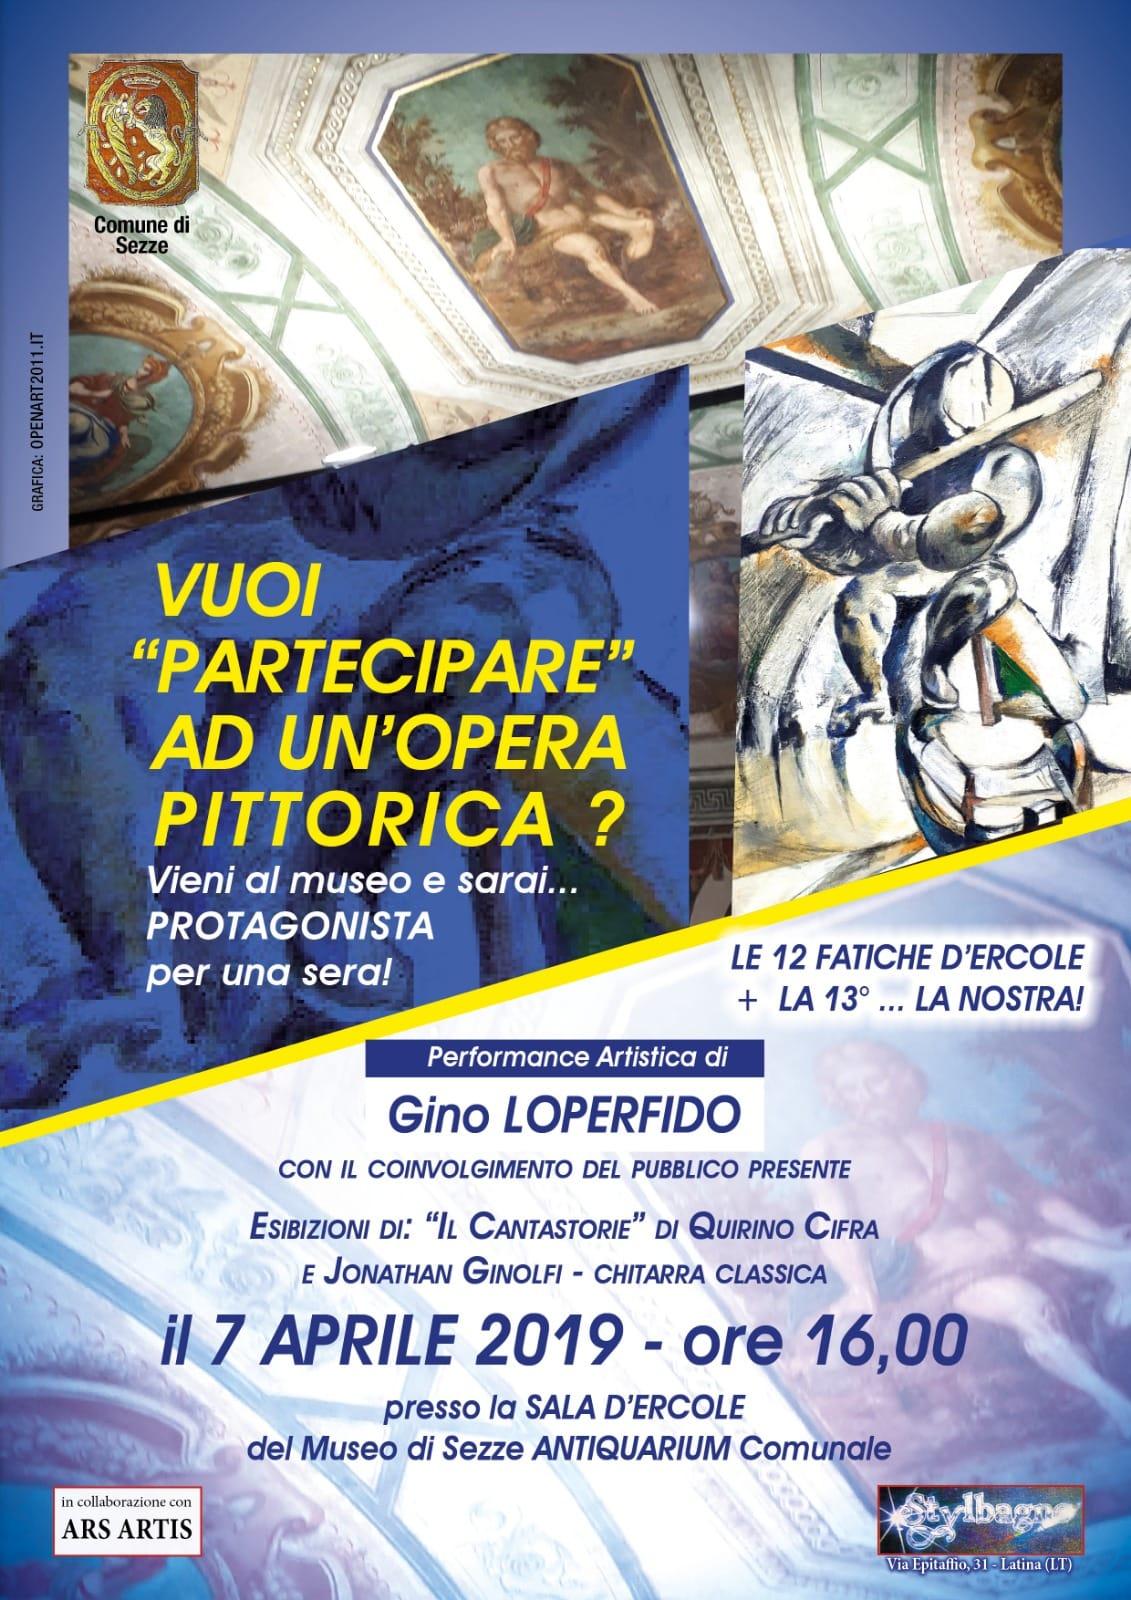 Sezze: Vuoi partecipare ad un'opera pittorica? @ sala d'ercole - museo antiquarium | Sezze | Lazio | Italia